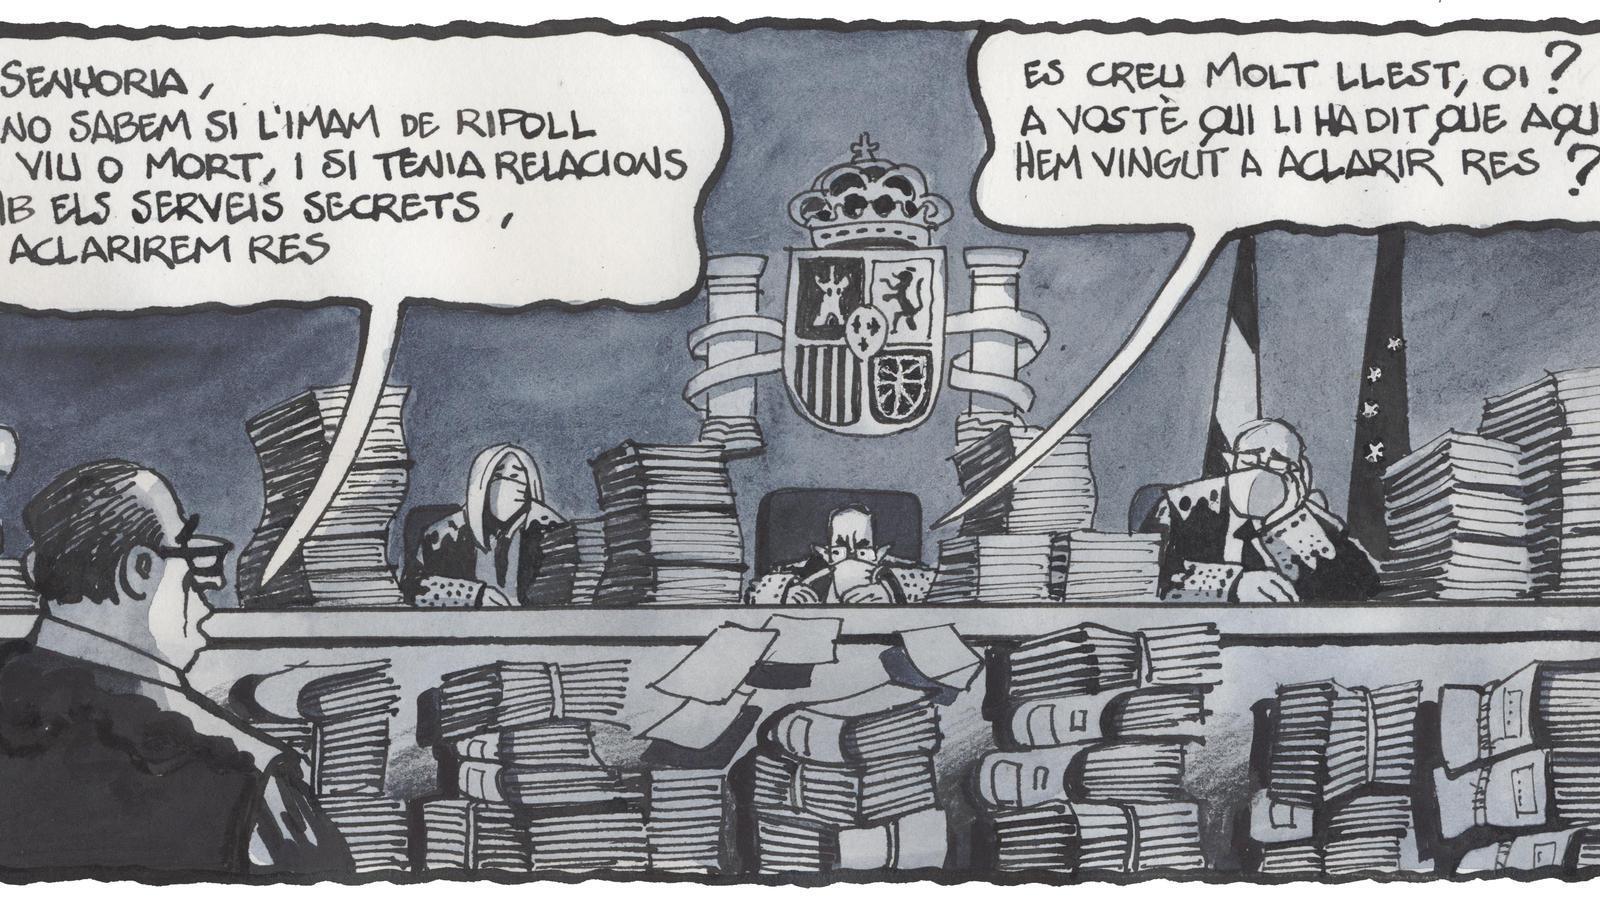 'A la contra', per Ferreres 02/12/2020